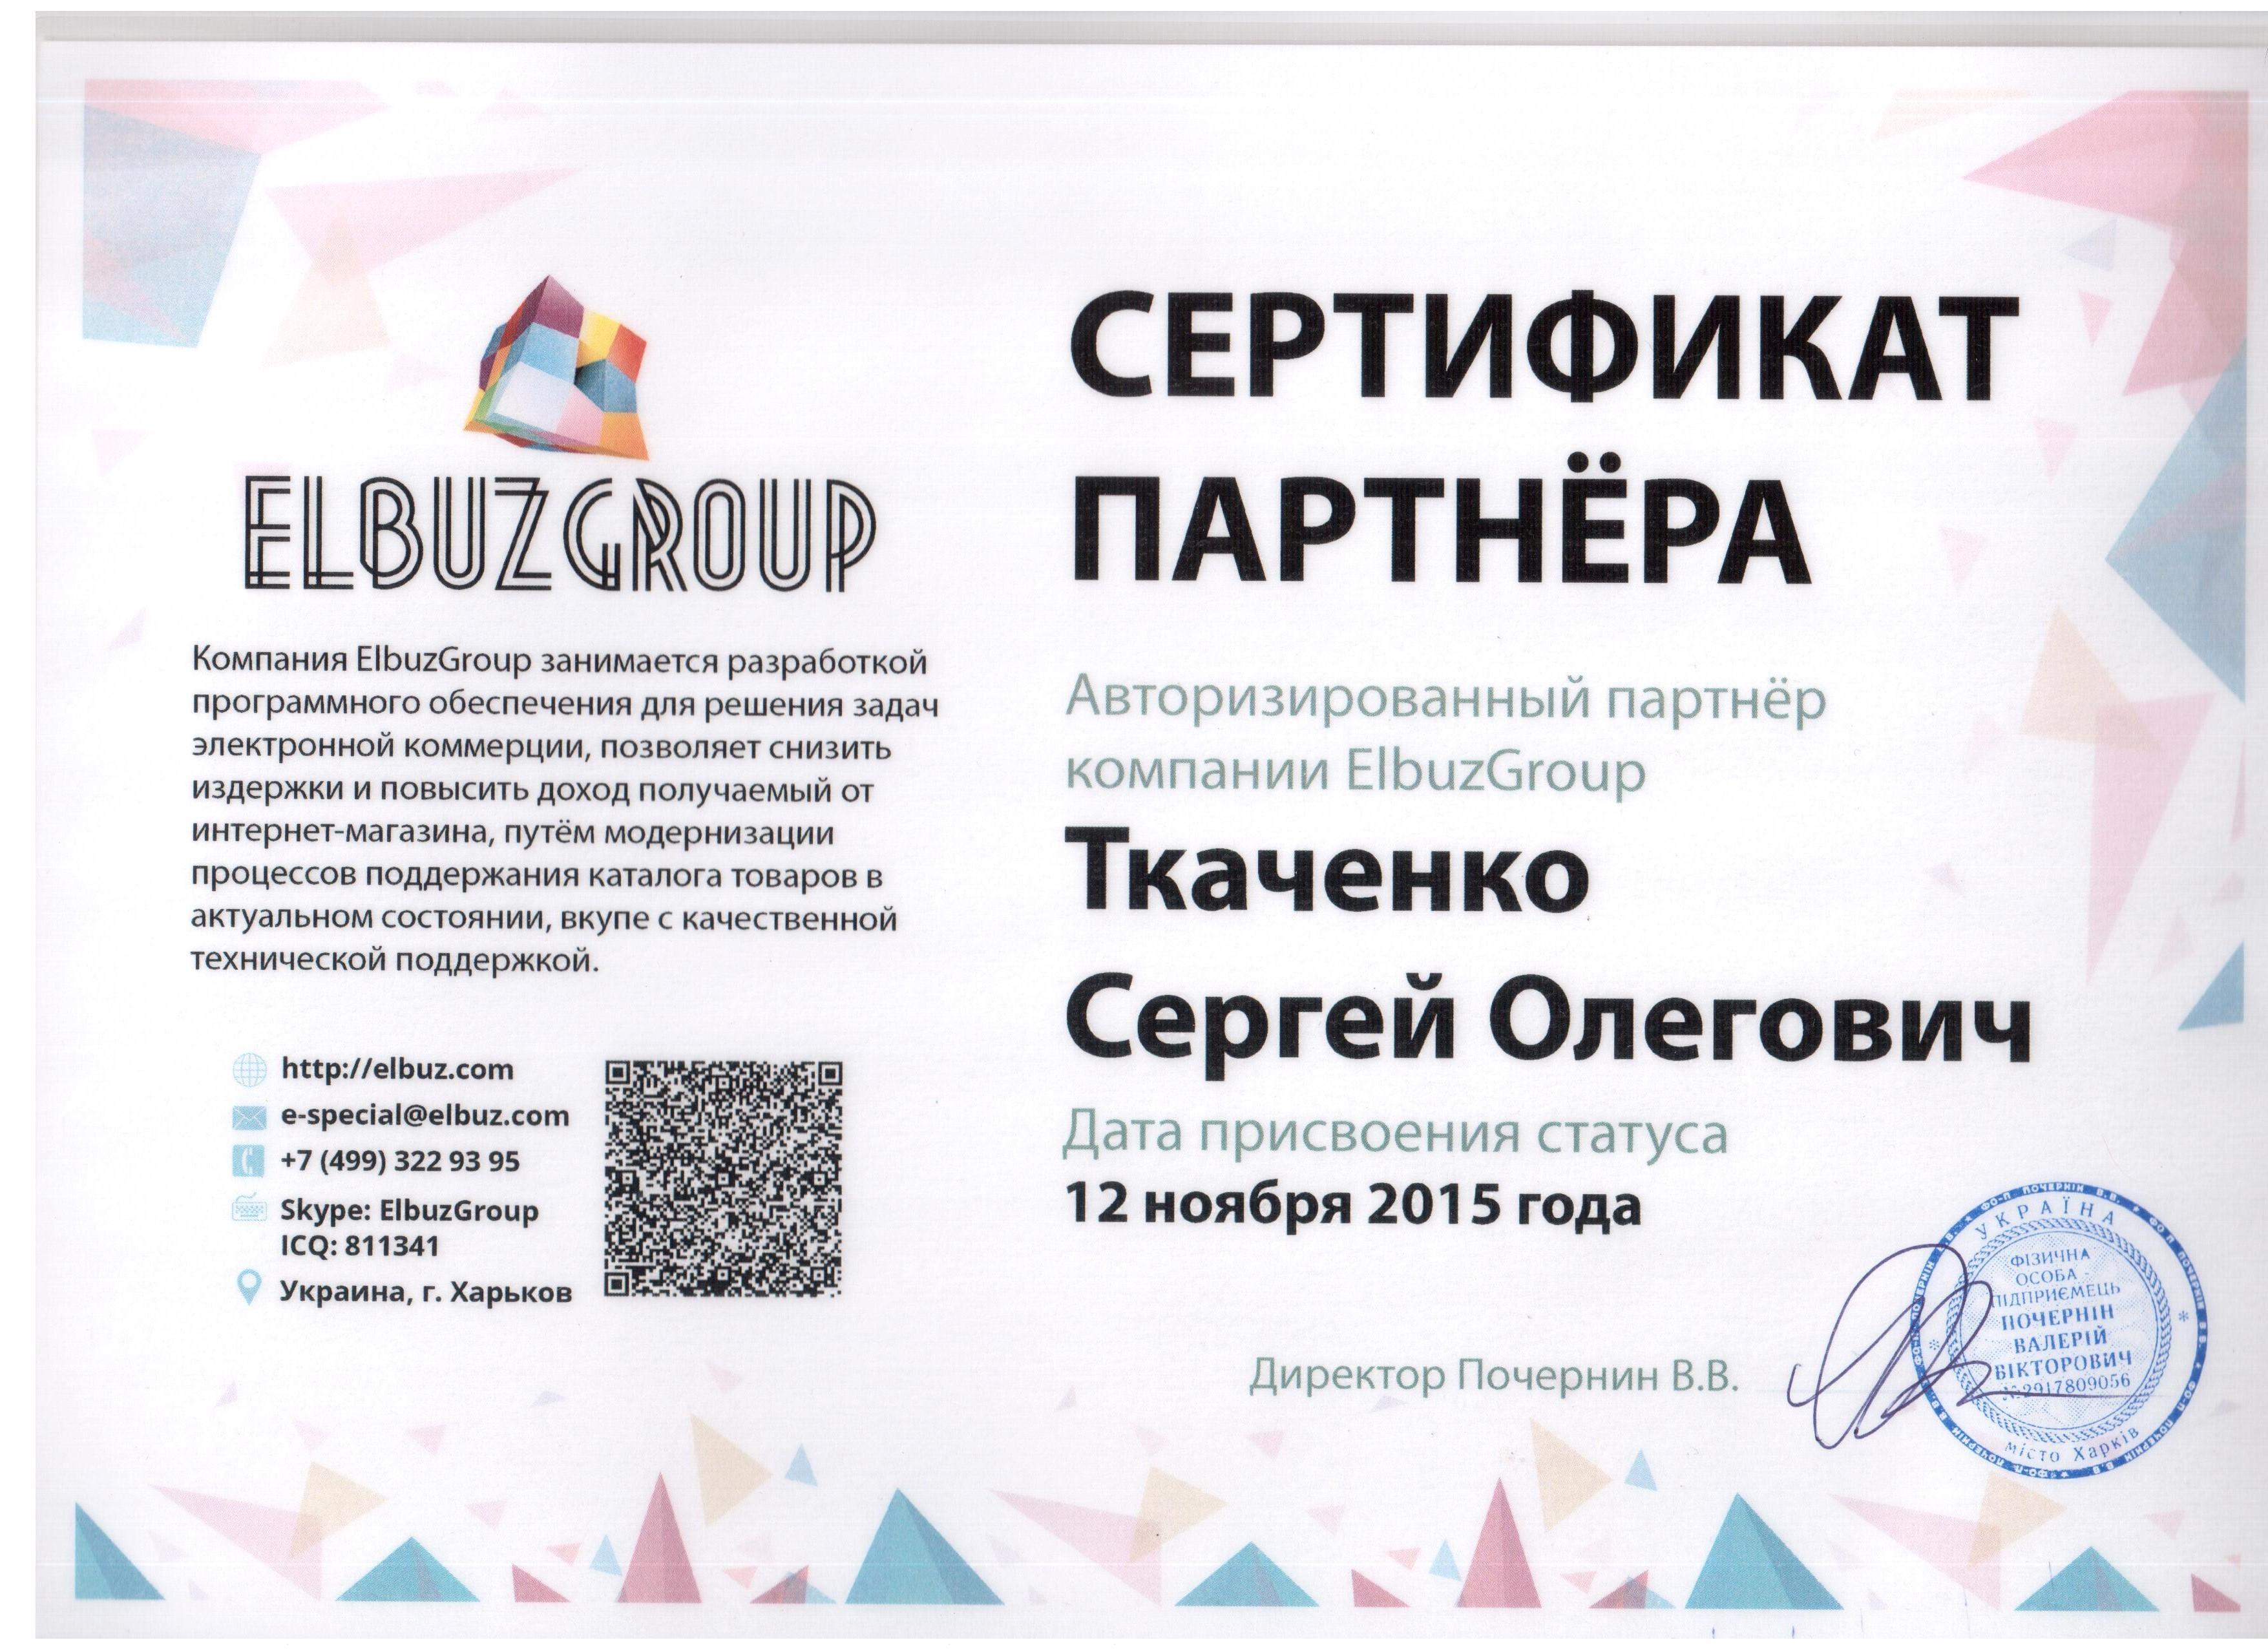 Сертифицированный партнер Elbuz Group.